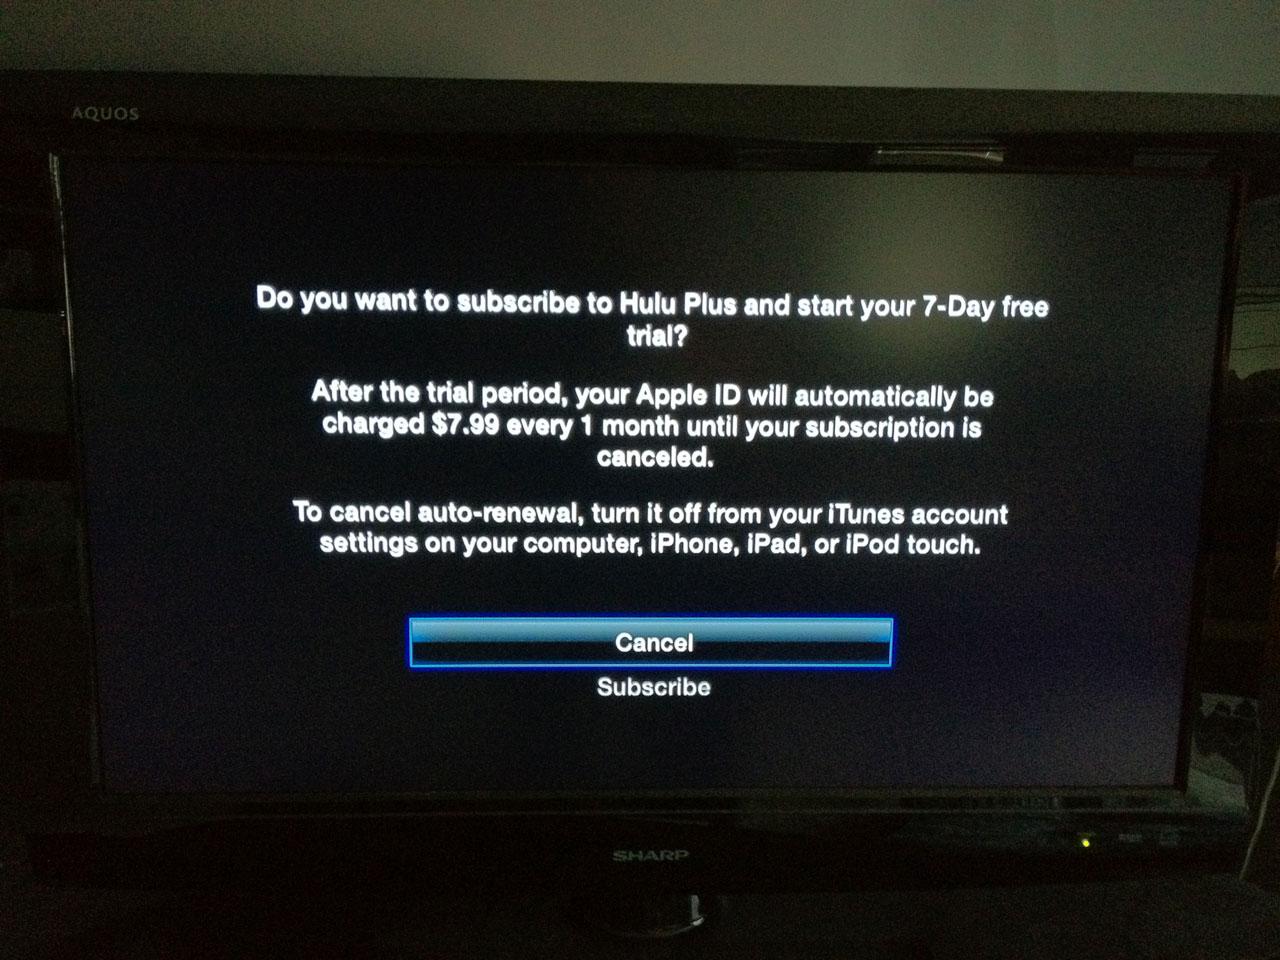 Hulu Plus Now Available on Apple TV - Mac Rumors